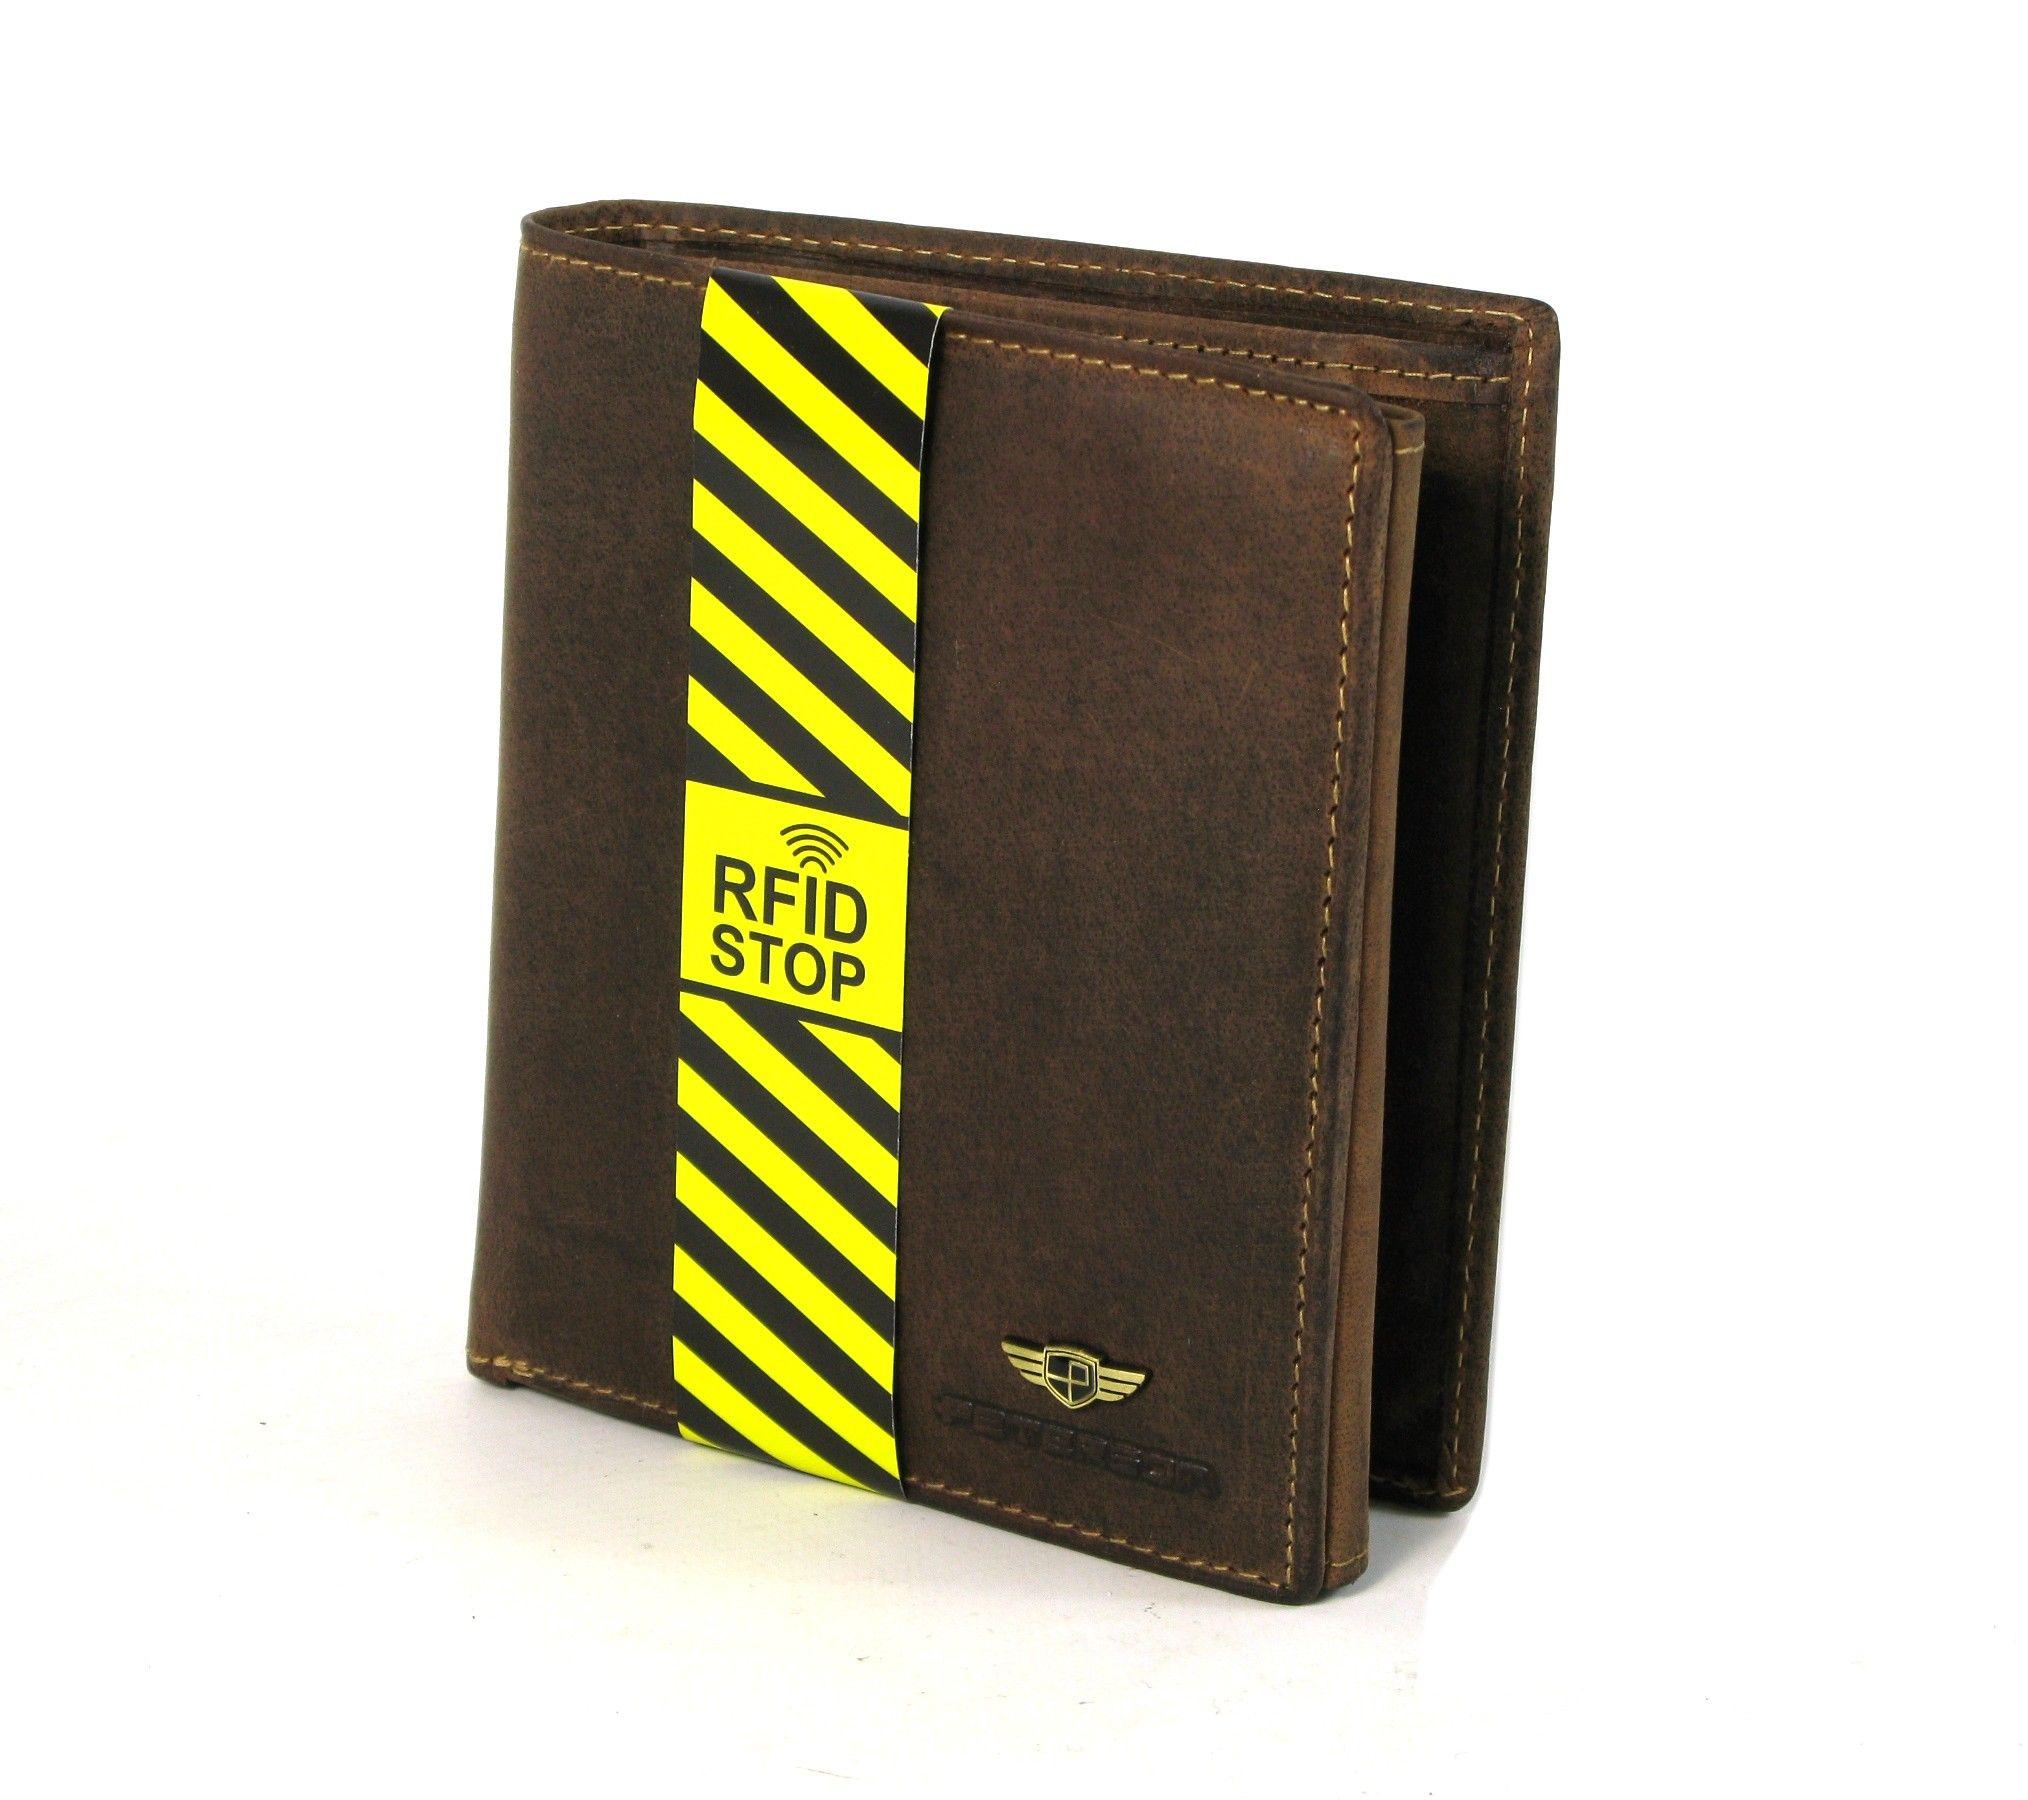 52dec97d70a92 Portfel męski skórzany PETERSON RW30121 RFID | Akcesoria skórzane ...